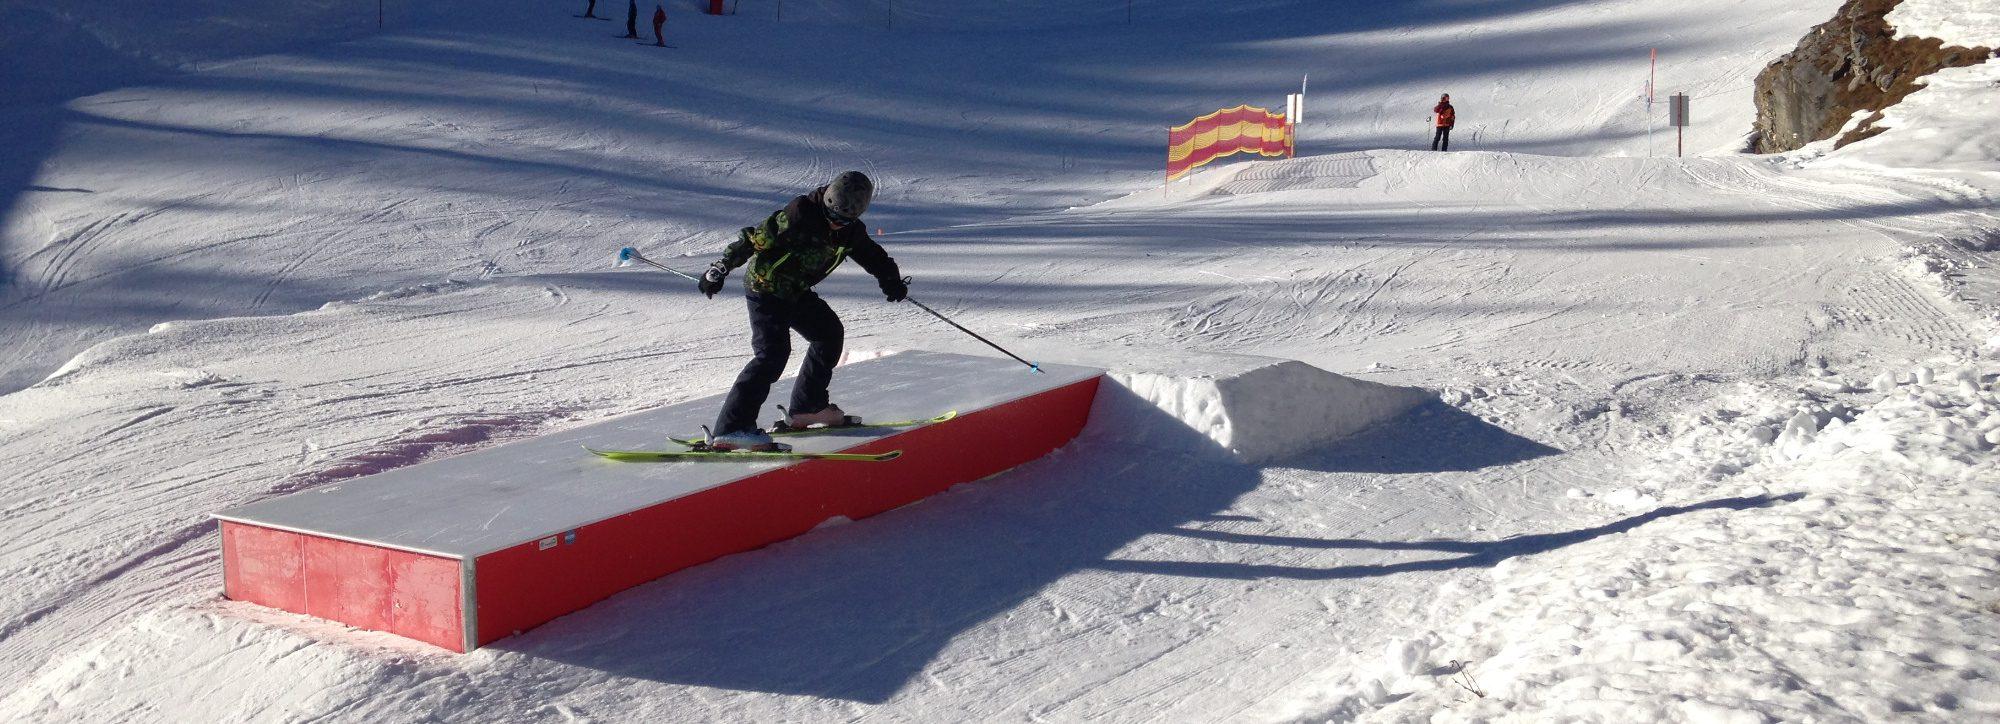 Snowpark-1_slide